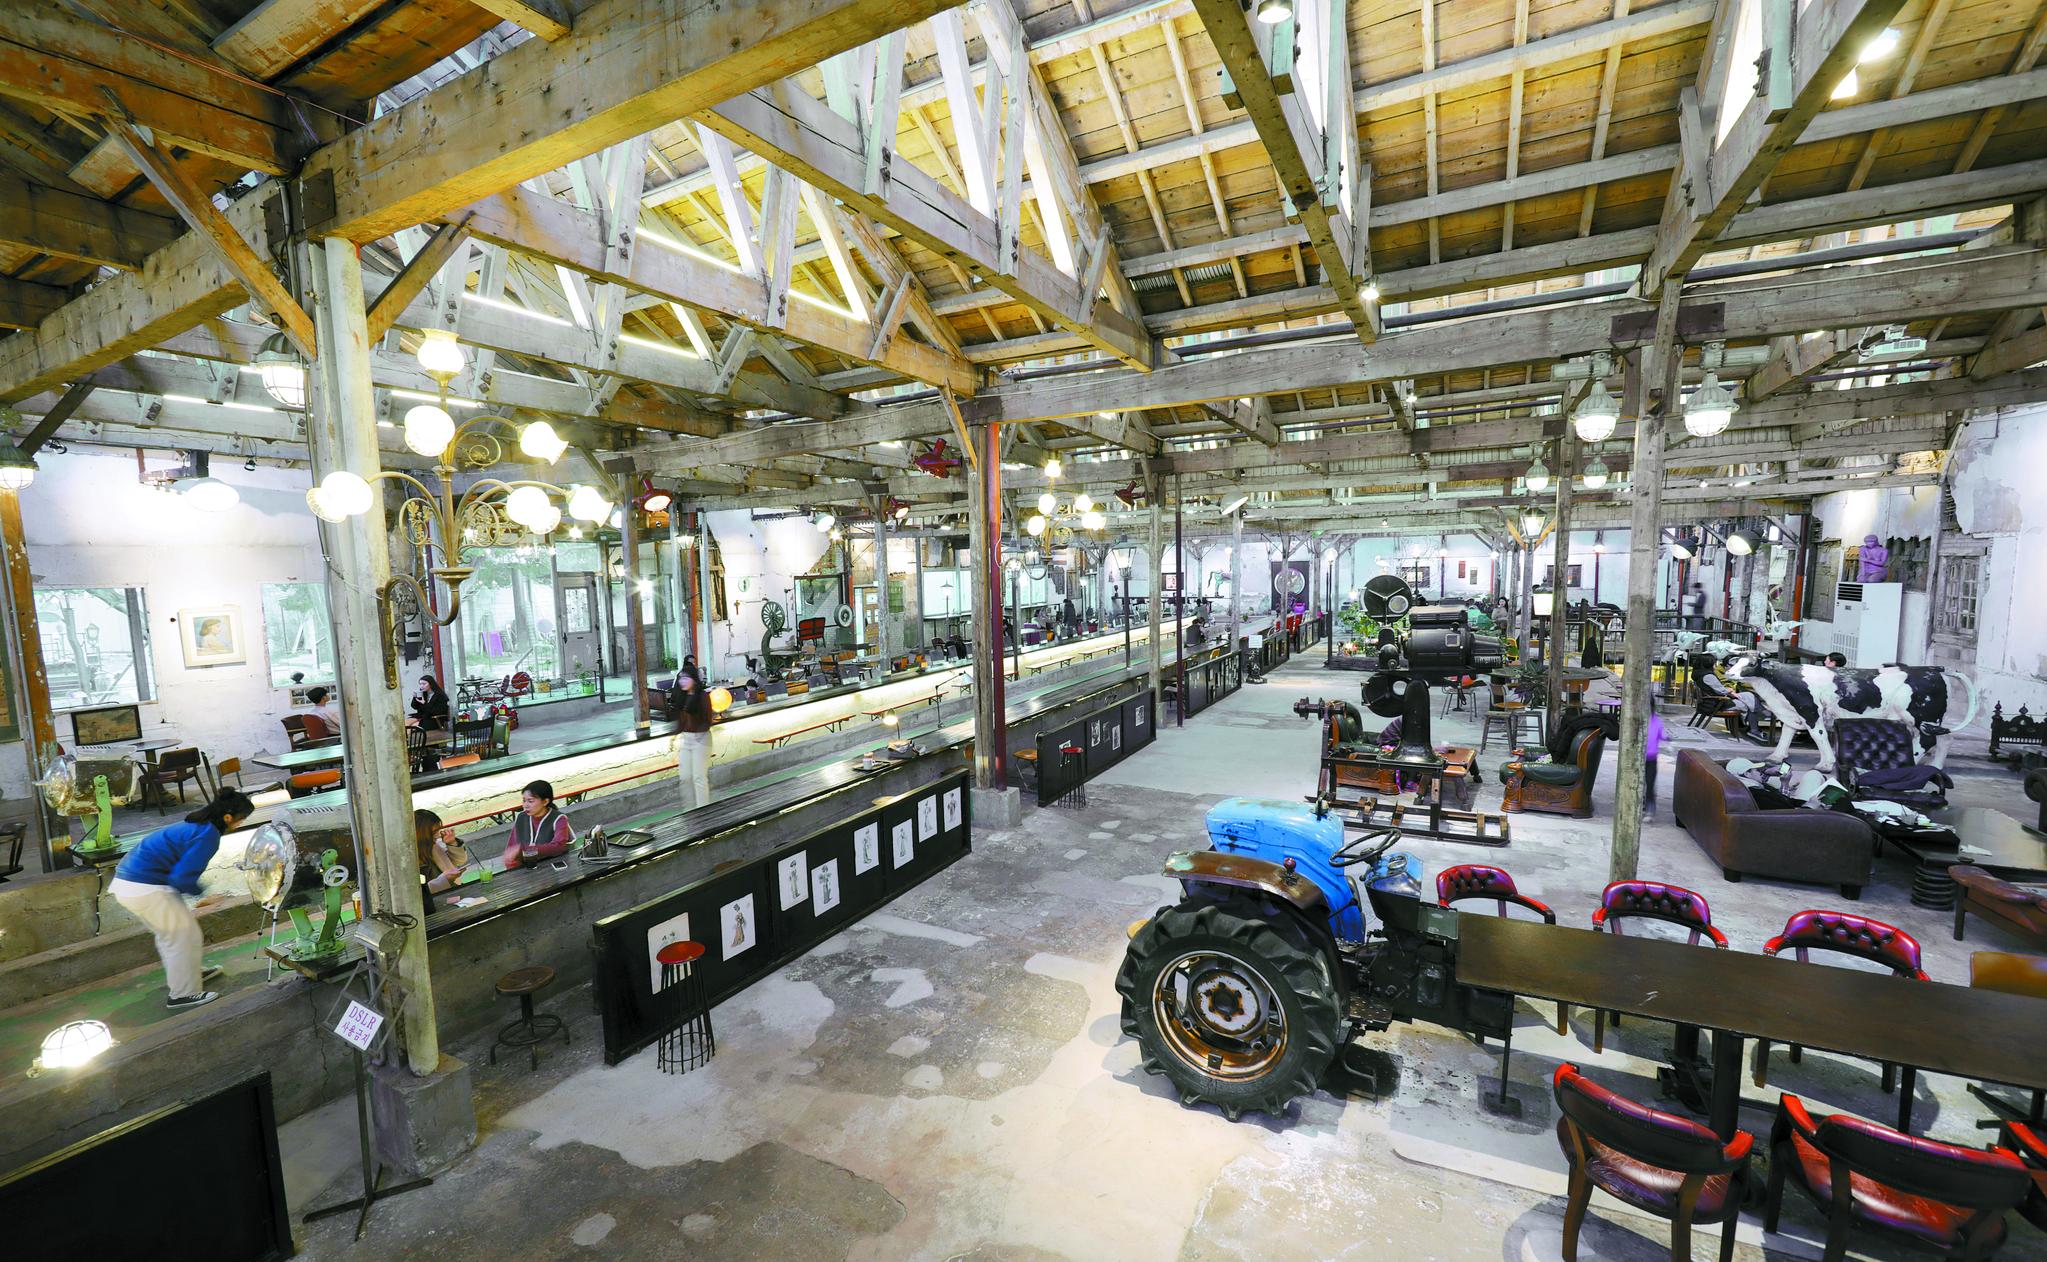 미술관 카페로 변신한 조양방직 공장.